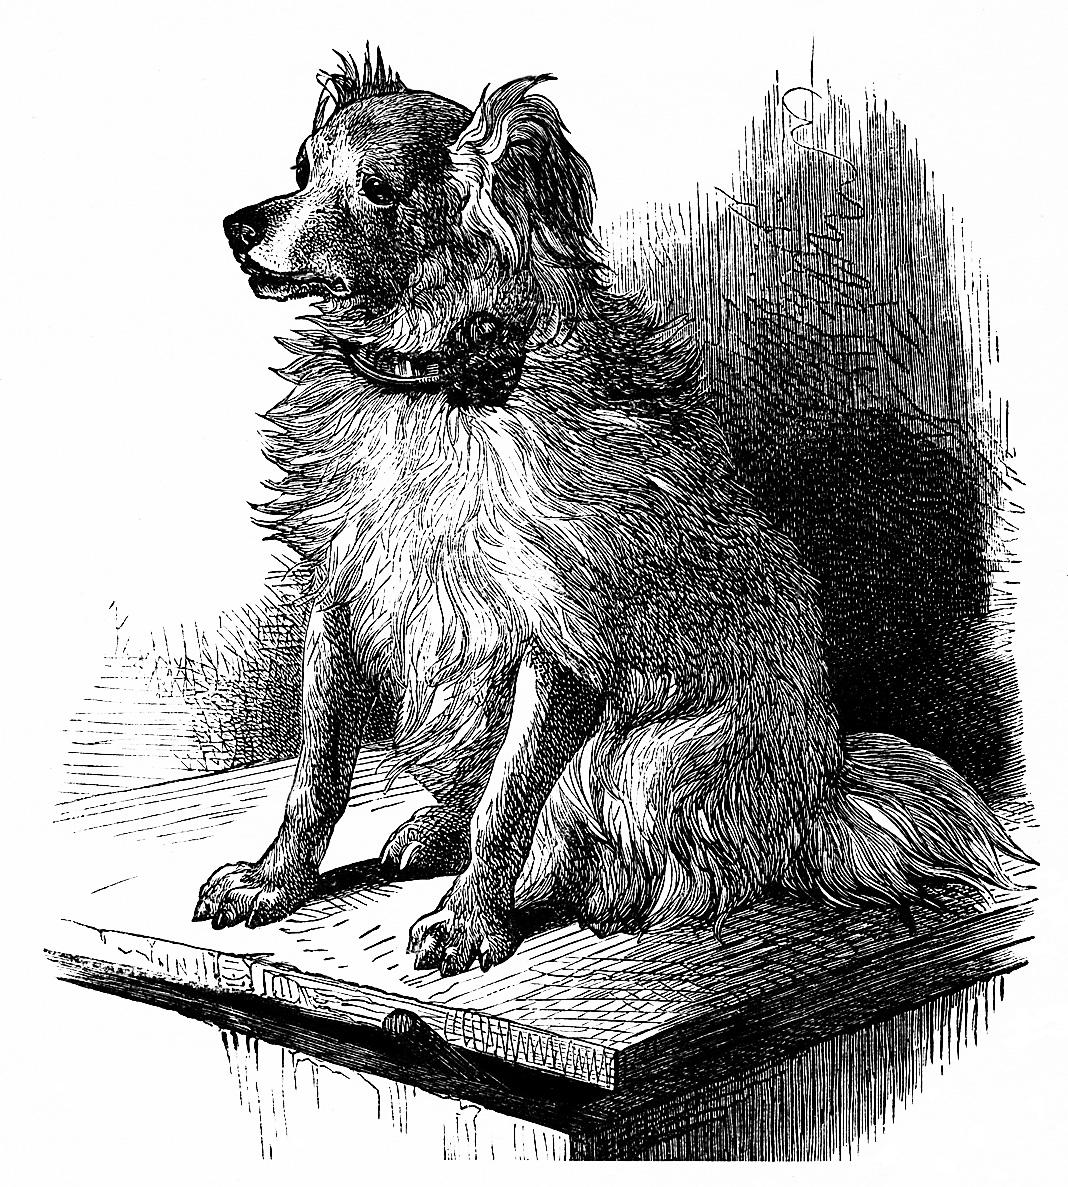 free vintage printable dog image, dog sketch, vintage dog illustration, free clipart dog, black and white dog image